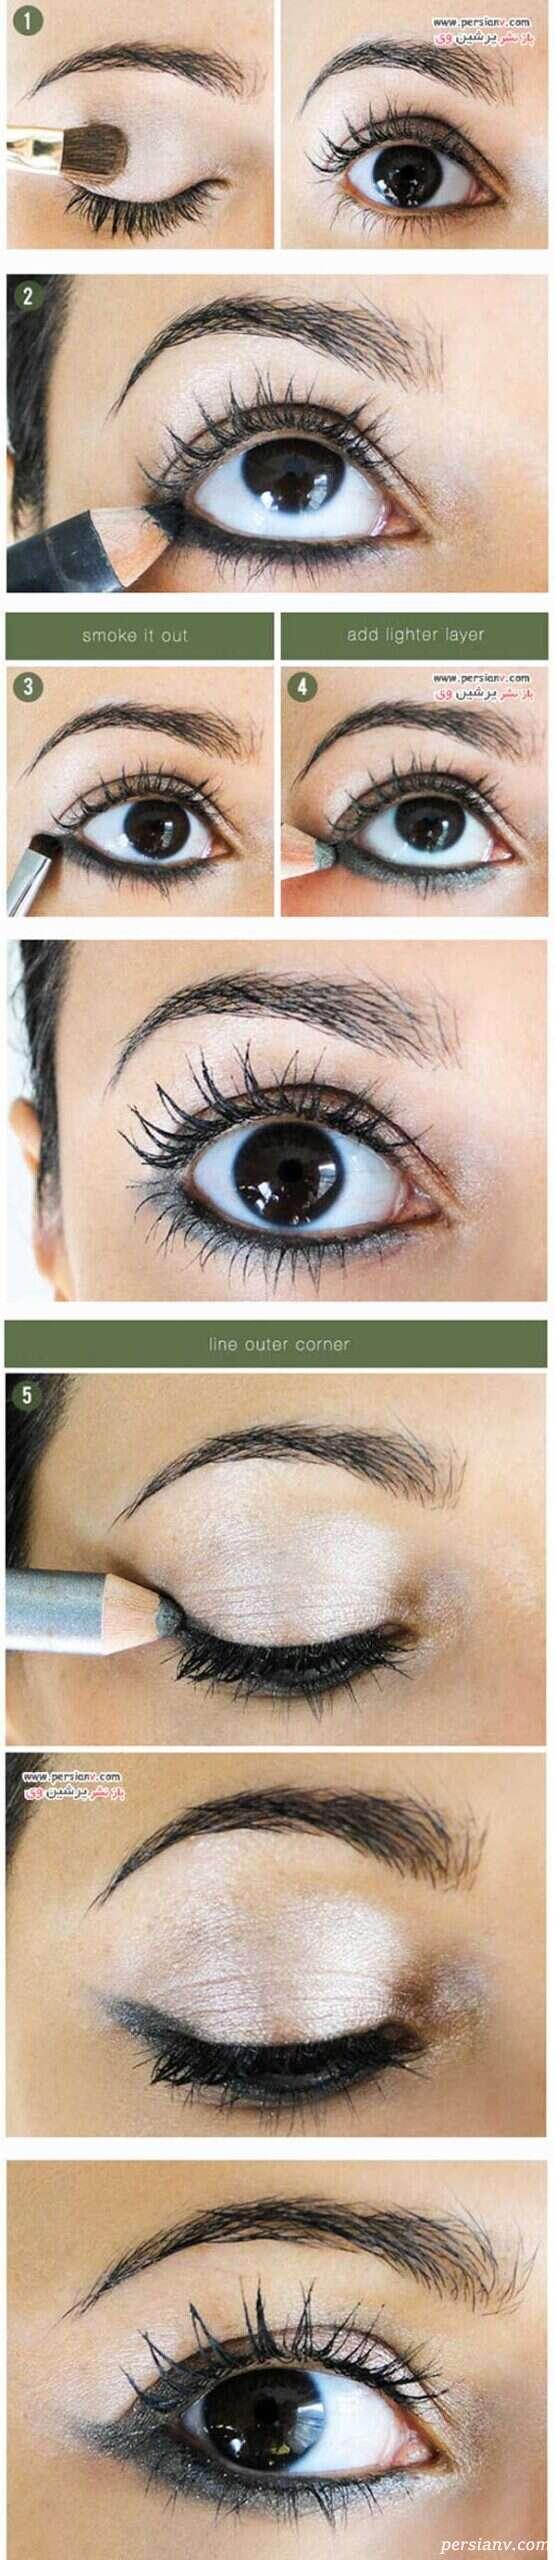 آموزش آرایش چشم دودی با متدهای جدید و روز